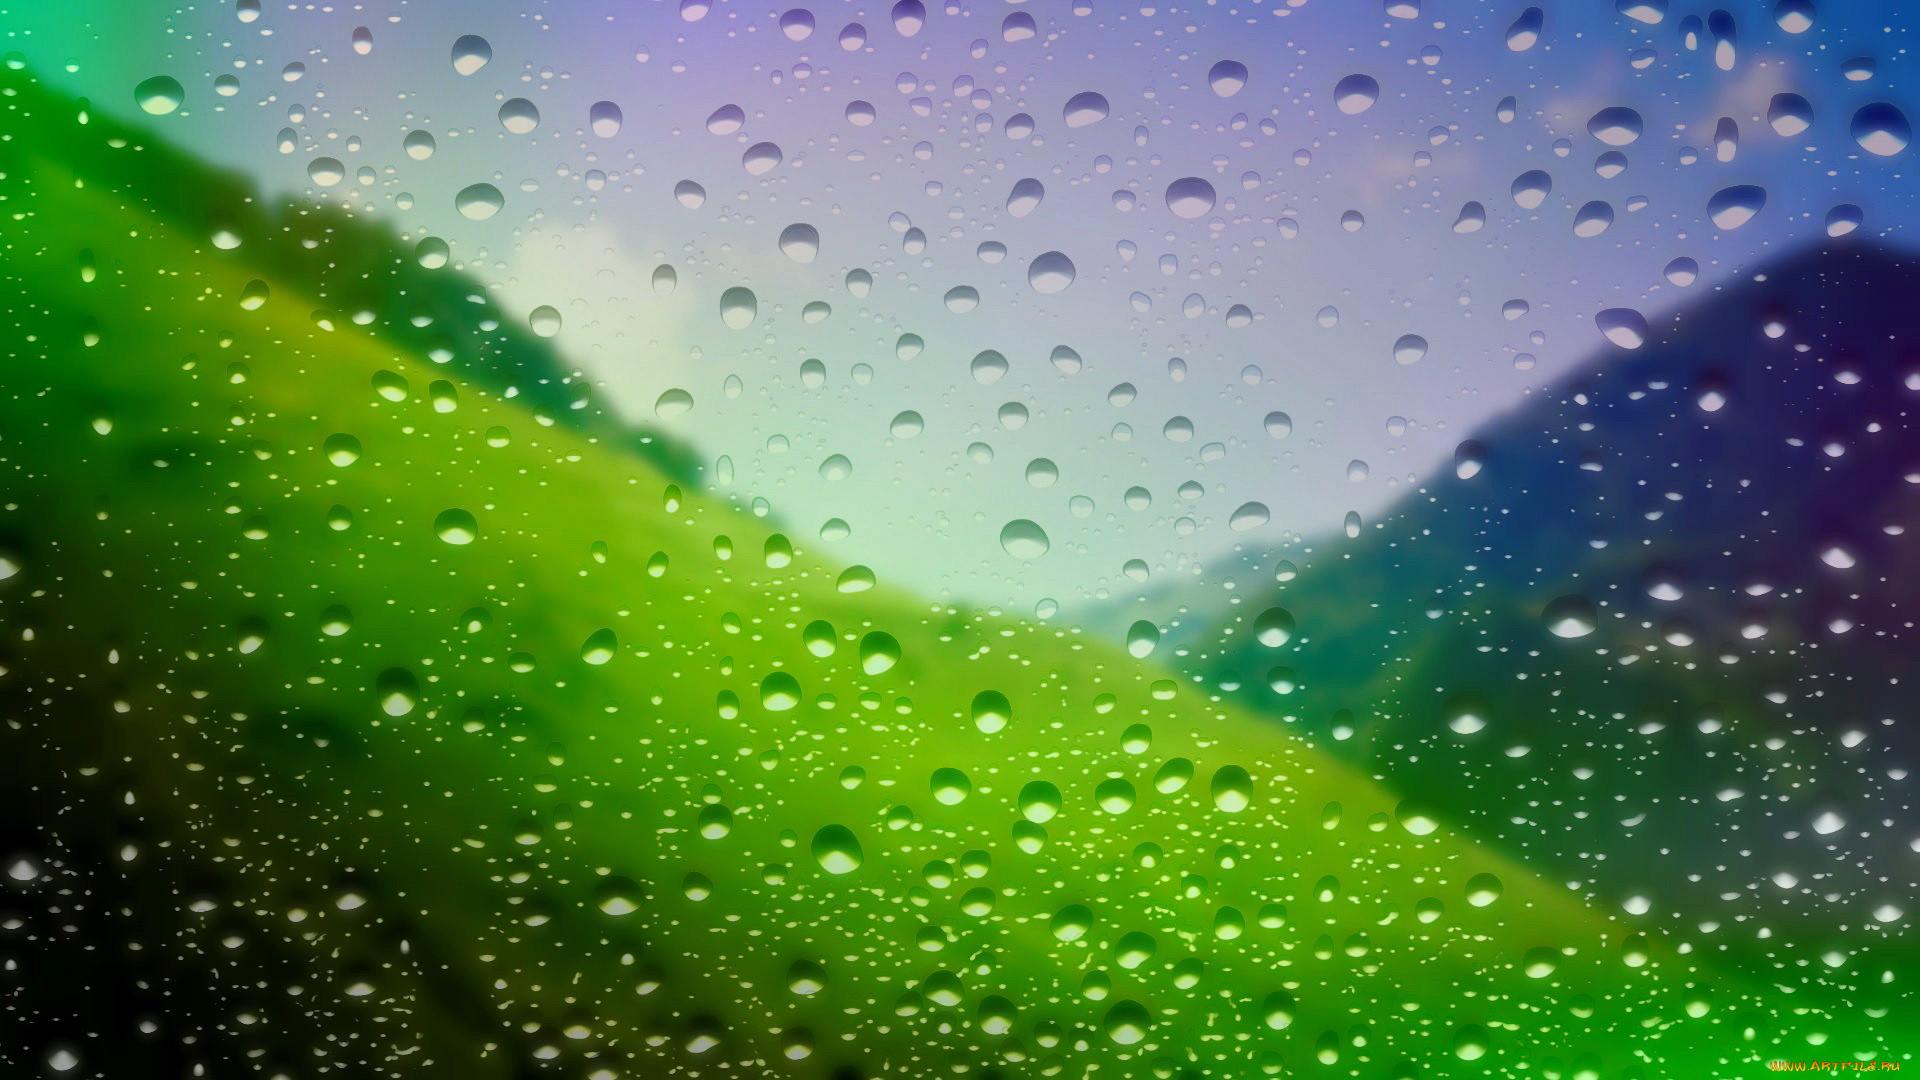 Как сделать фото капель дождя